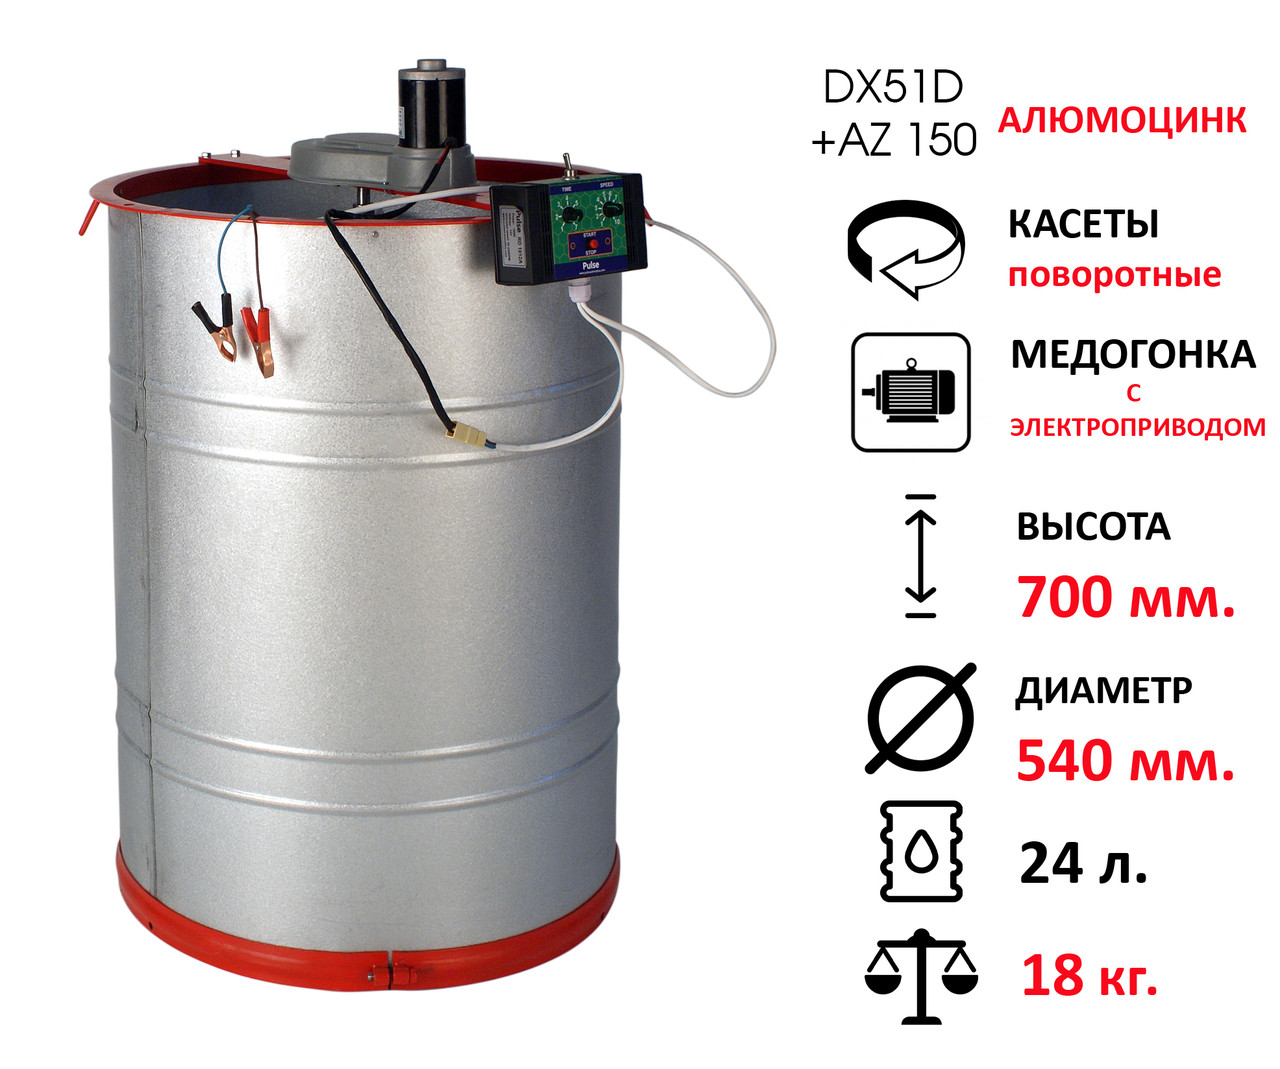 """Медогонка 2-х рамкова поворотна алюмоцинковая з ремінним електроприводом """"Pulse"""" мод.1"""